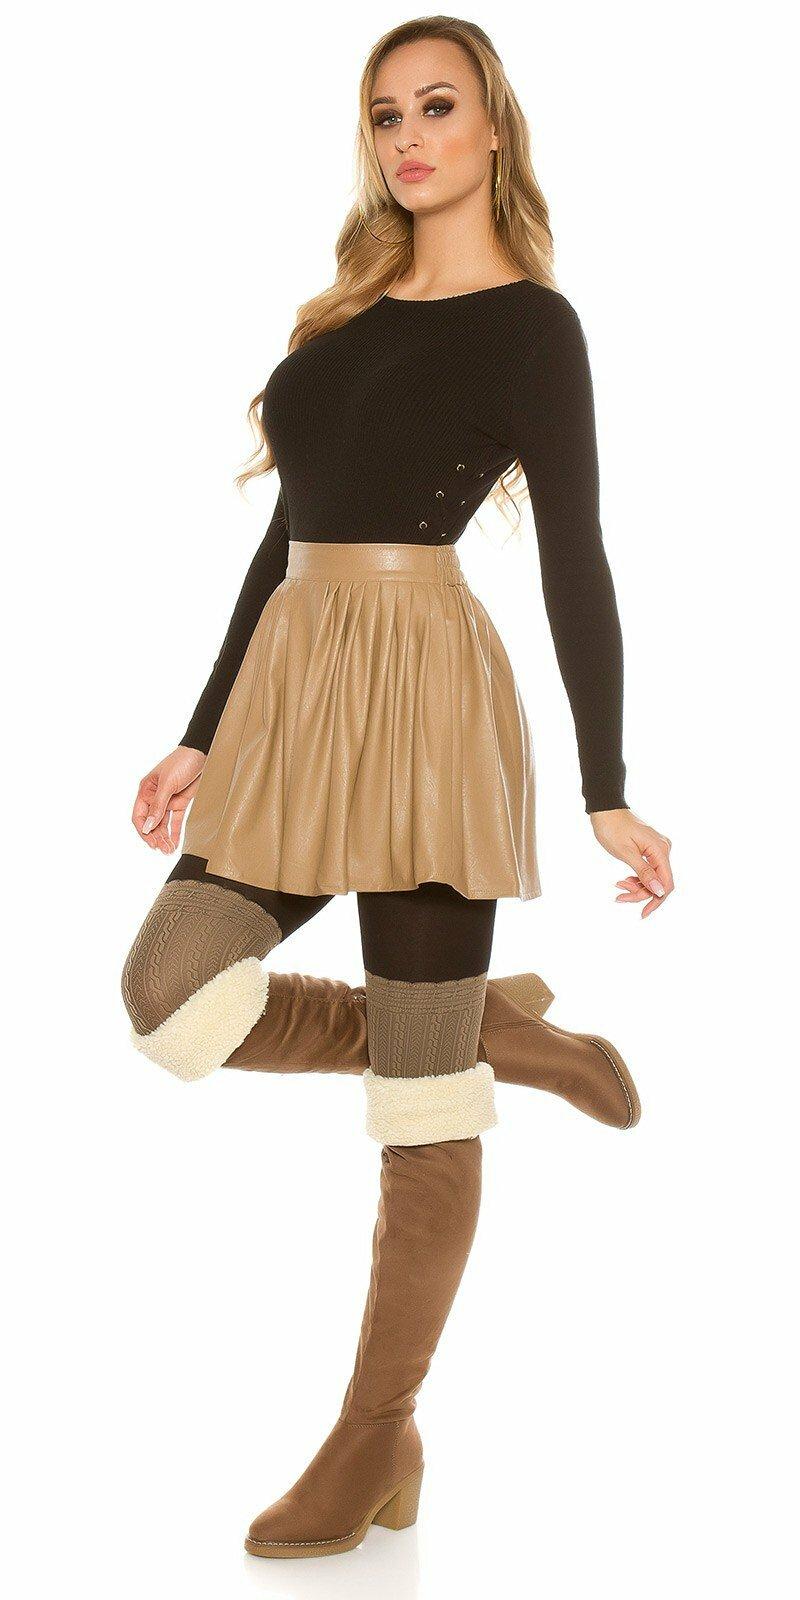 1bece06cdb60 Nariasená sukňa koženého vzhľadu - NajlepsiaModa.sk